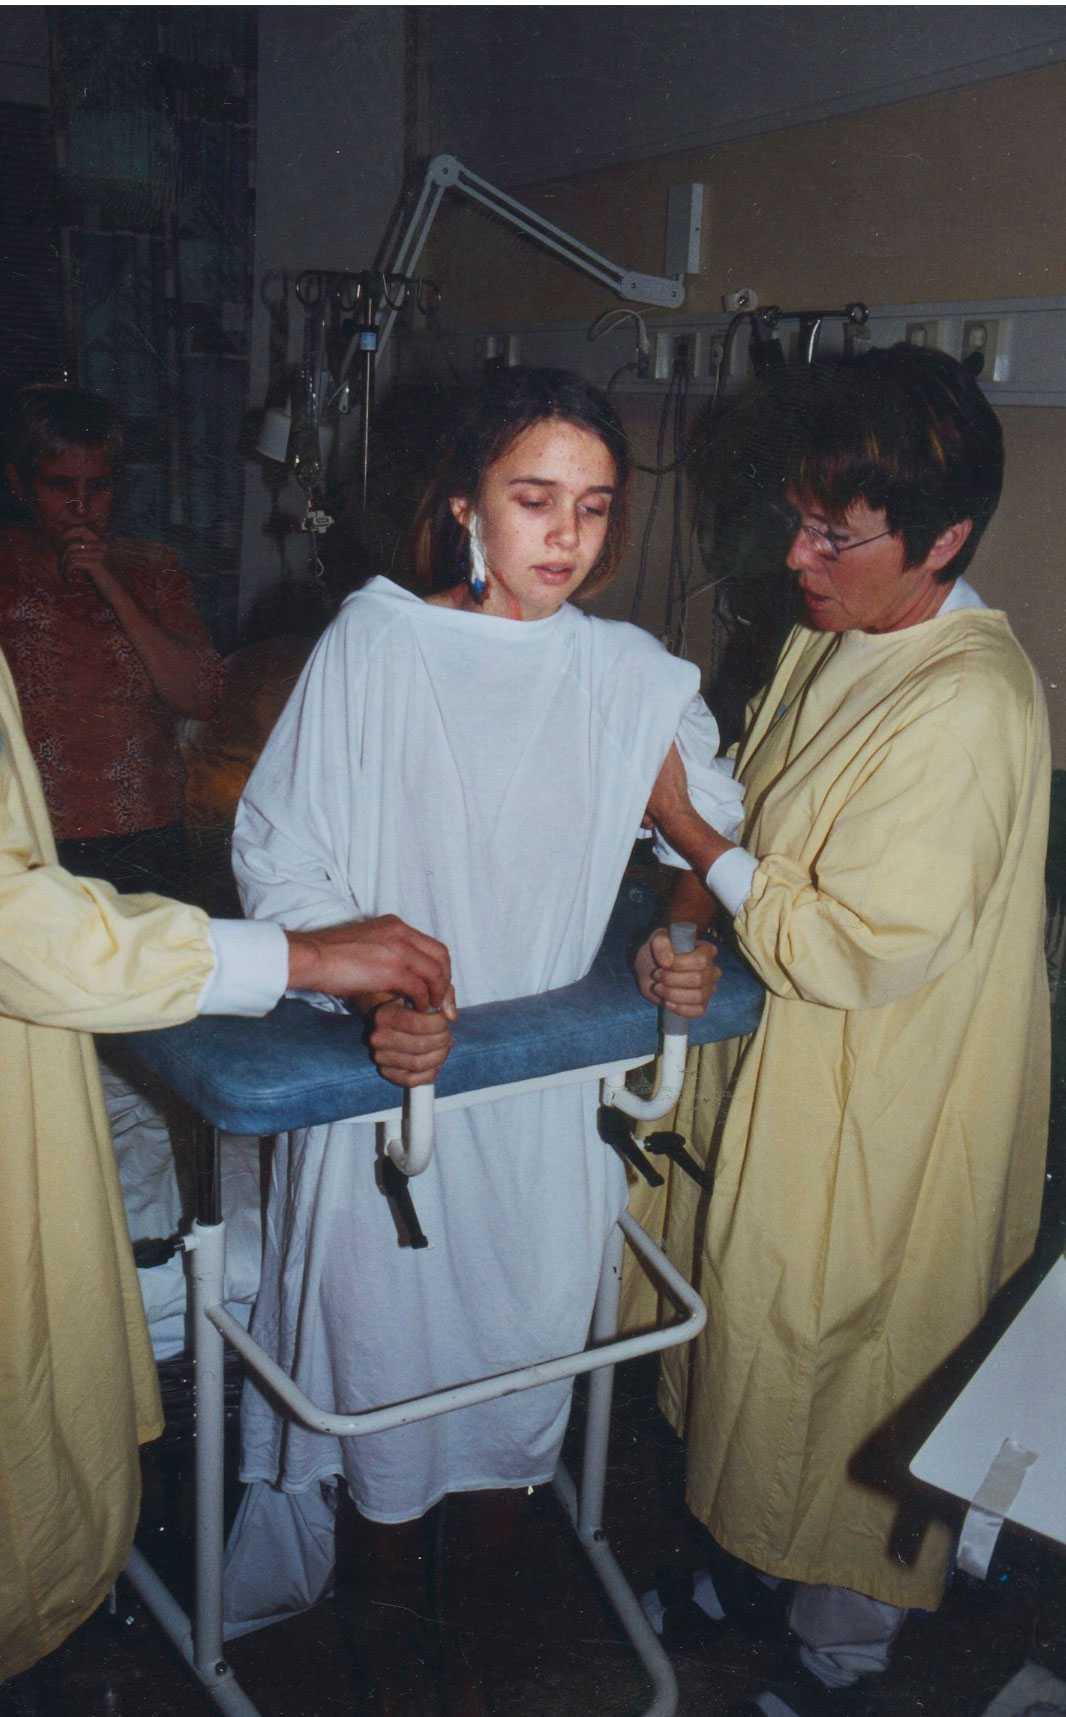 ÅR 2002: Linda, 12, efter sin första steloperation.